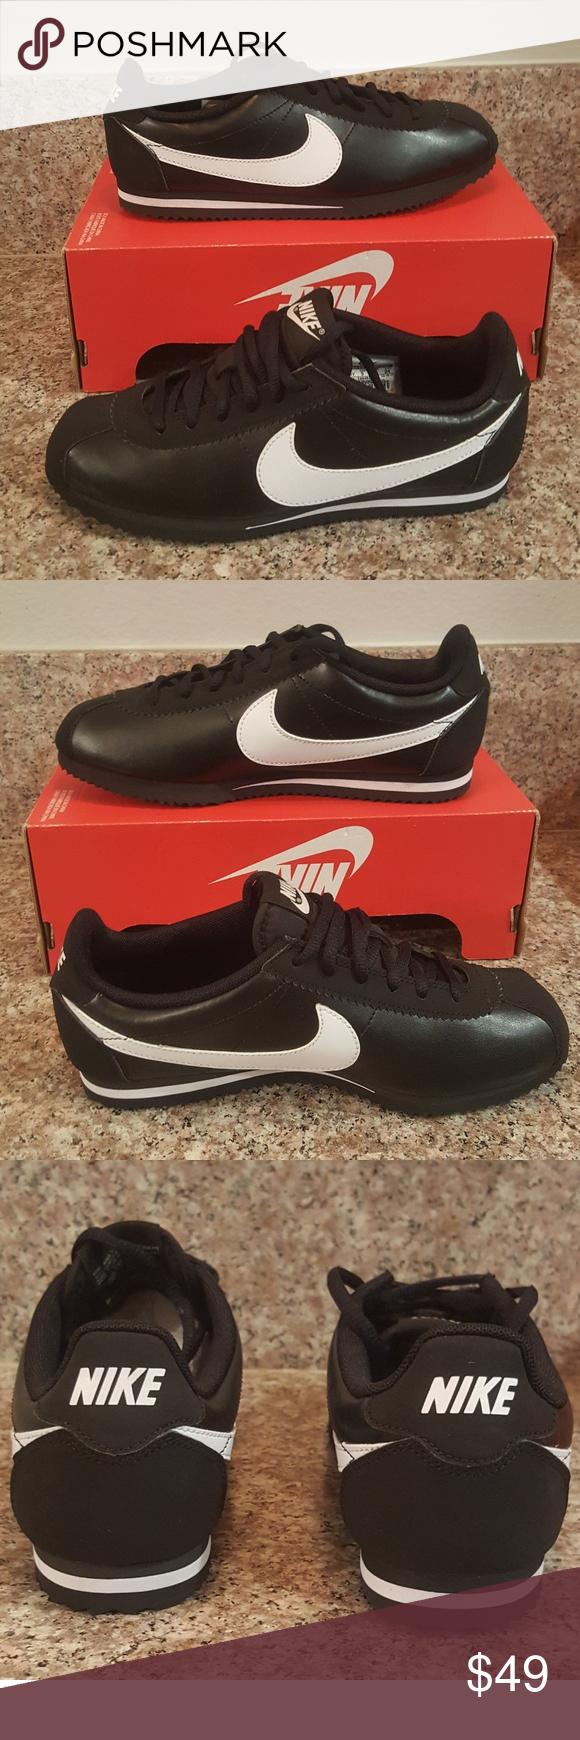 NEW Nike Cortez BLK / WHT GS Size 7 / Women's 8.5